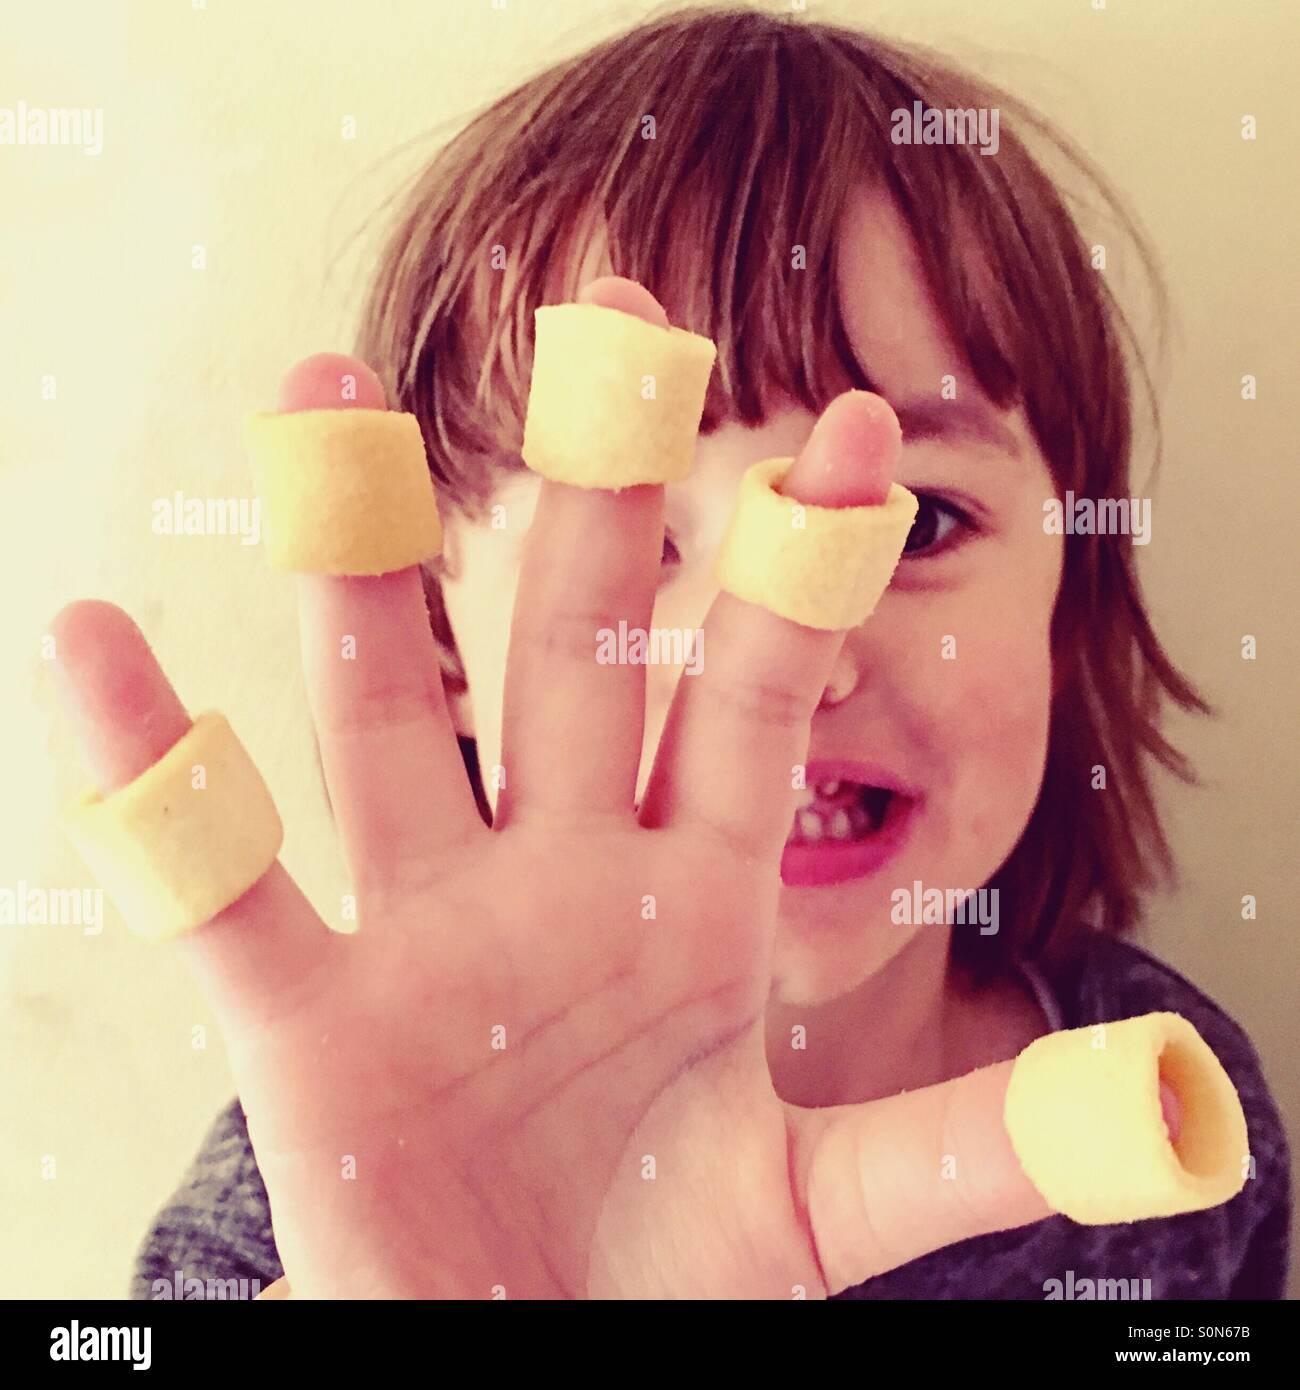 Piccolo 4 anno vecchio ragazzo con patatine sulle sue dita. Immagini Stock